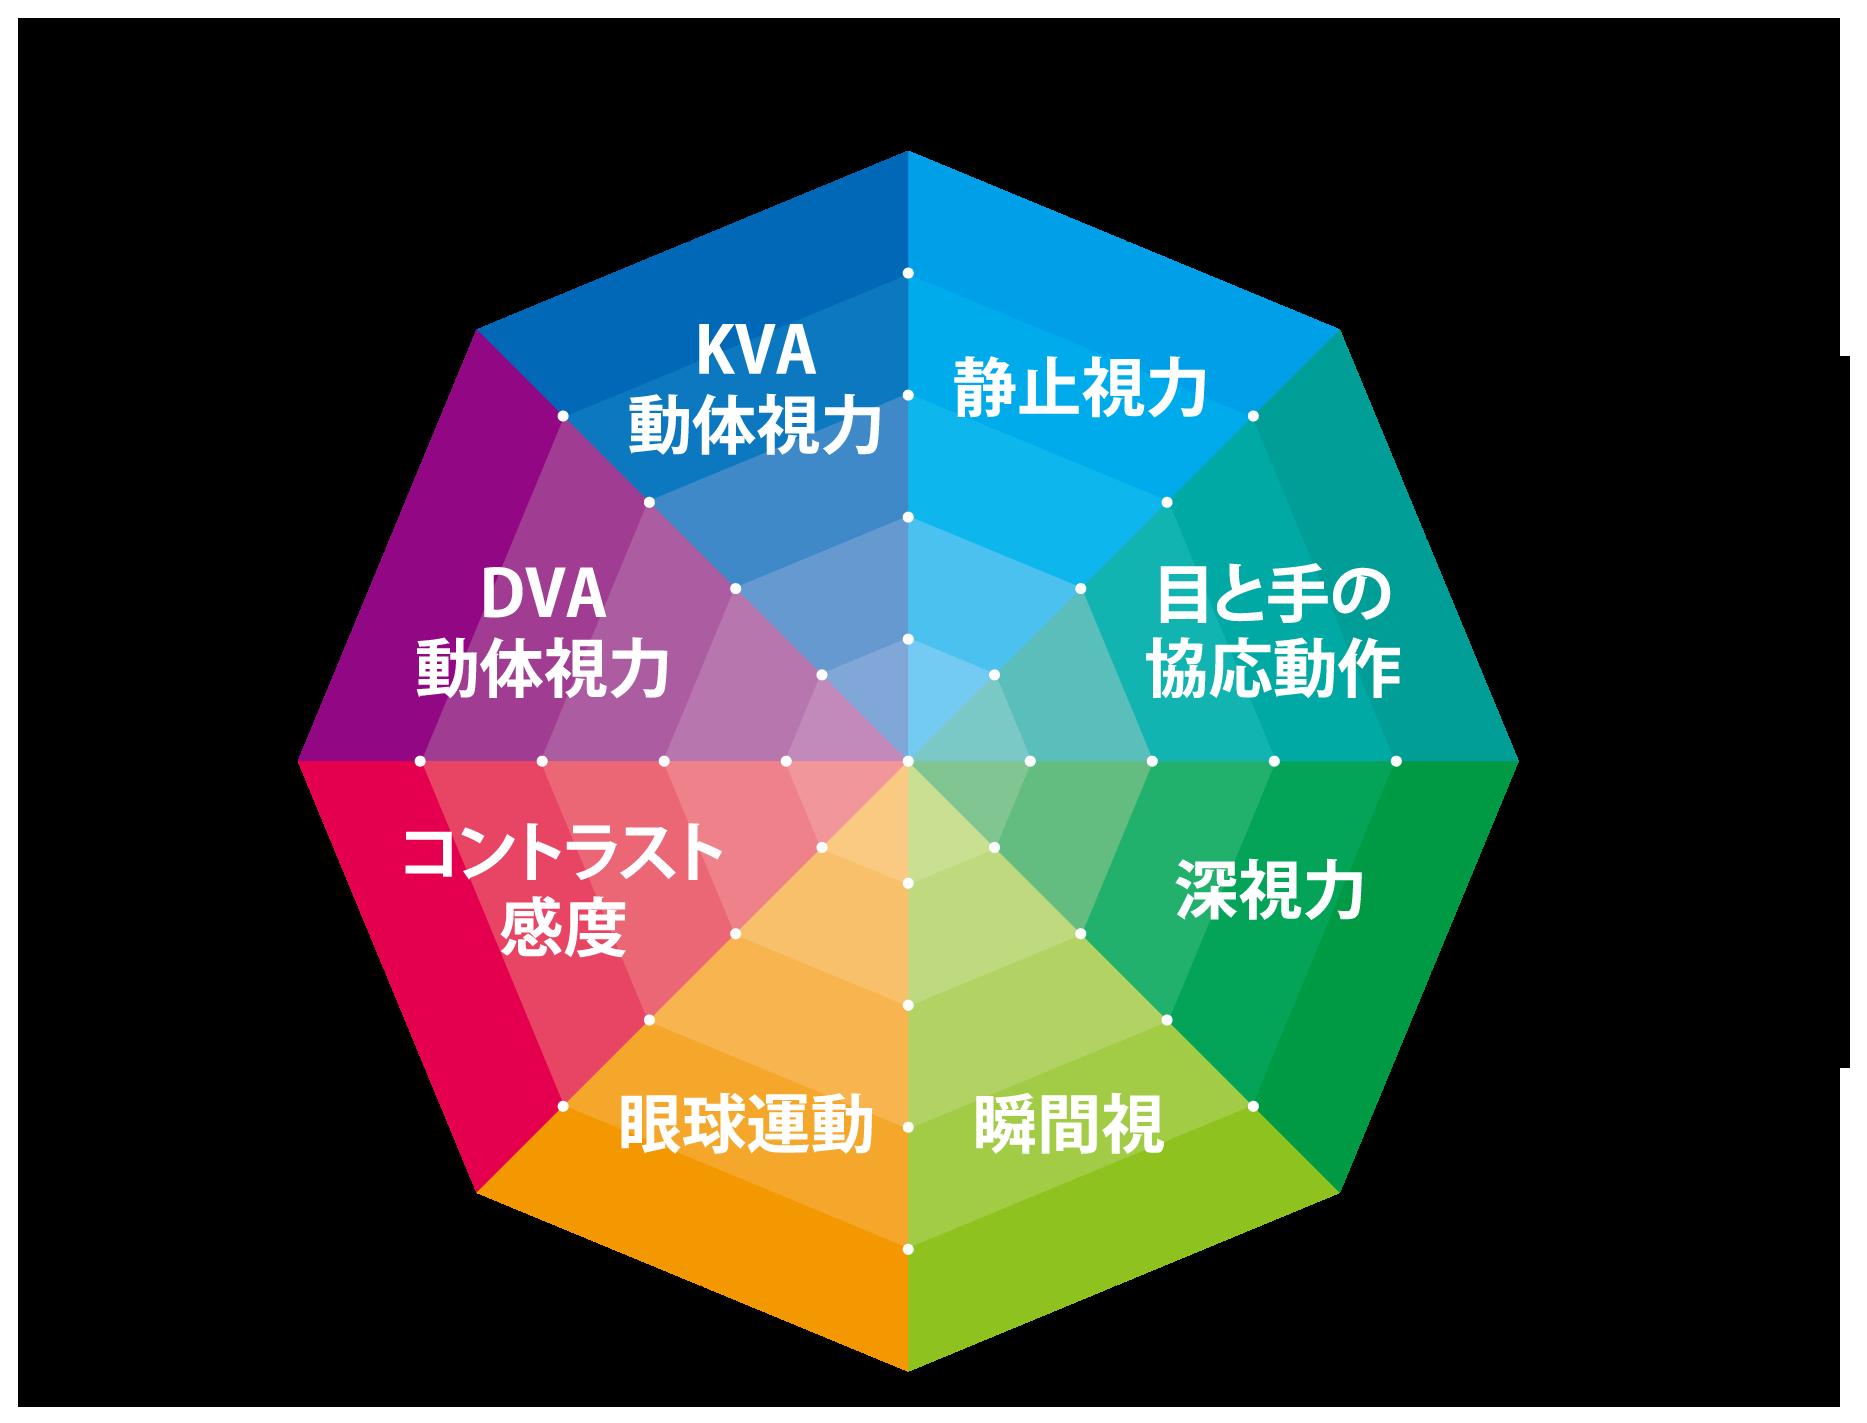 見るチカラは、8項目x5段階評価=40点満点で測定する。